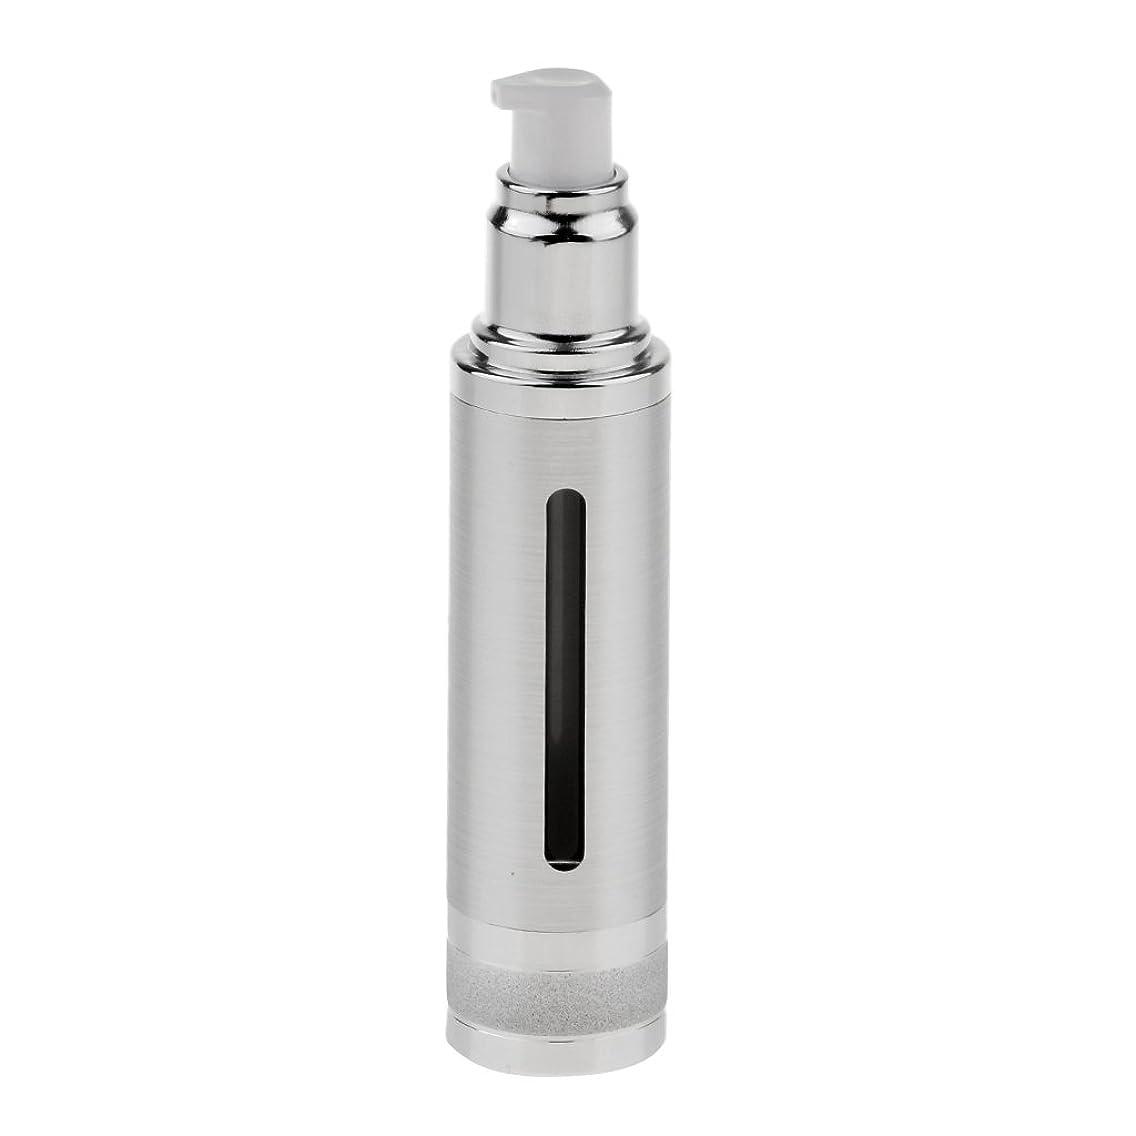 ウガンダ匿名治療Sharplace エアレスボトル ポンプボトル 空ボトル 香水ボトル オイル DIY 詰替え 50ml 全2色 - 銀